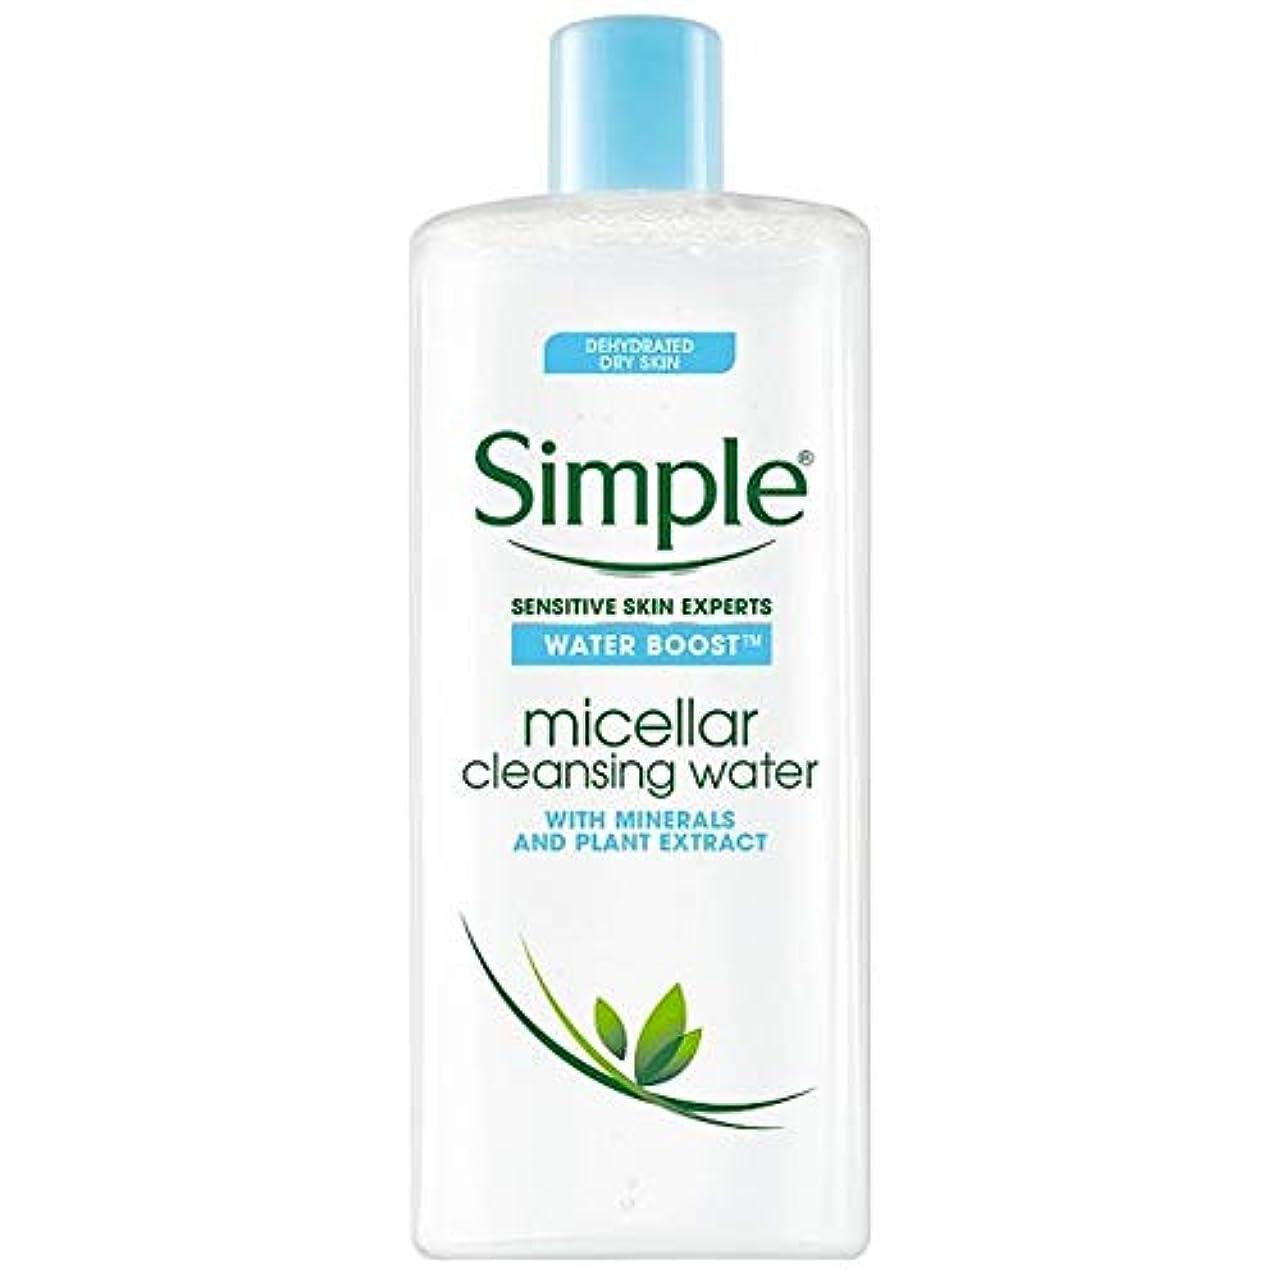 リップ重要な役割を果たす、中心的な手段となるアーネストシャクルトン[Simple] シンプルな水ブーストミセル洗浄水400ミリリットル - Simple Water Boost Micellar Cleansing Water 400Ml [並行輸入品]